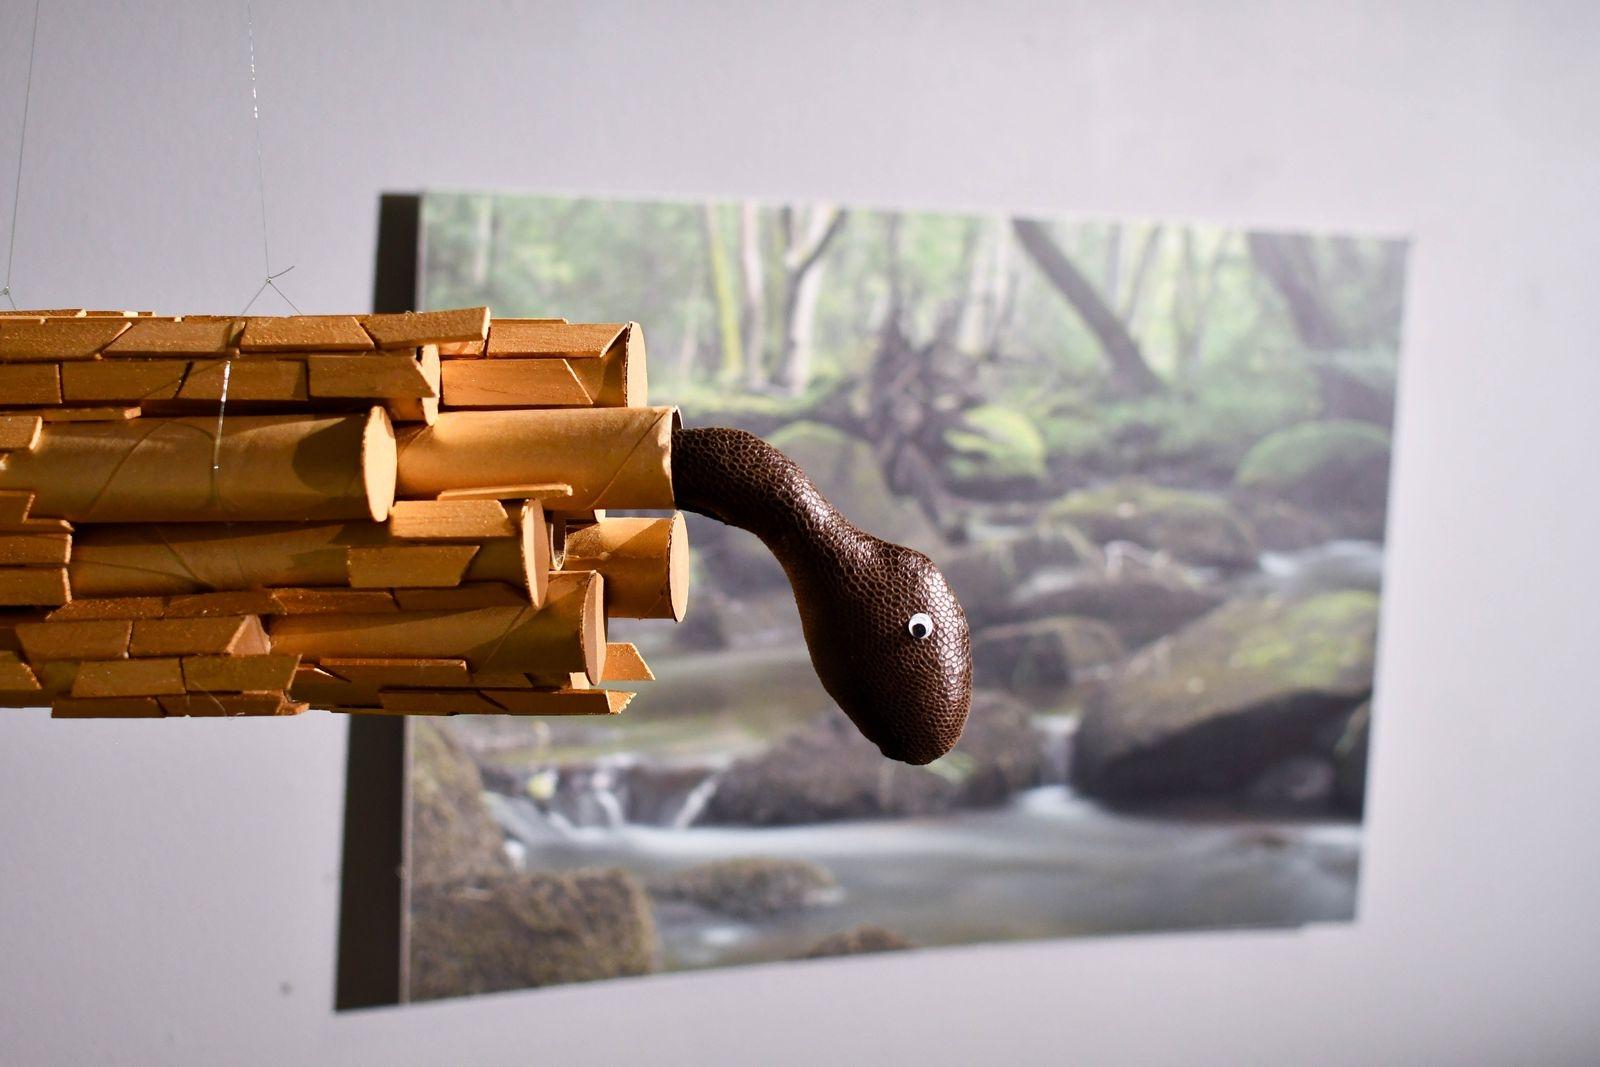 Naturbilder från sydöstra Skånes åar och bäckar varvas med kreativa alster en trappa ner i konsthallen.